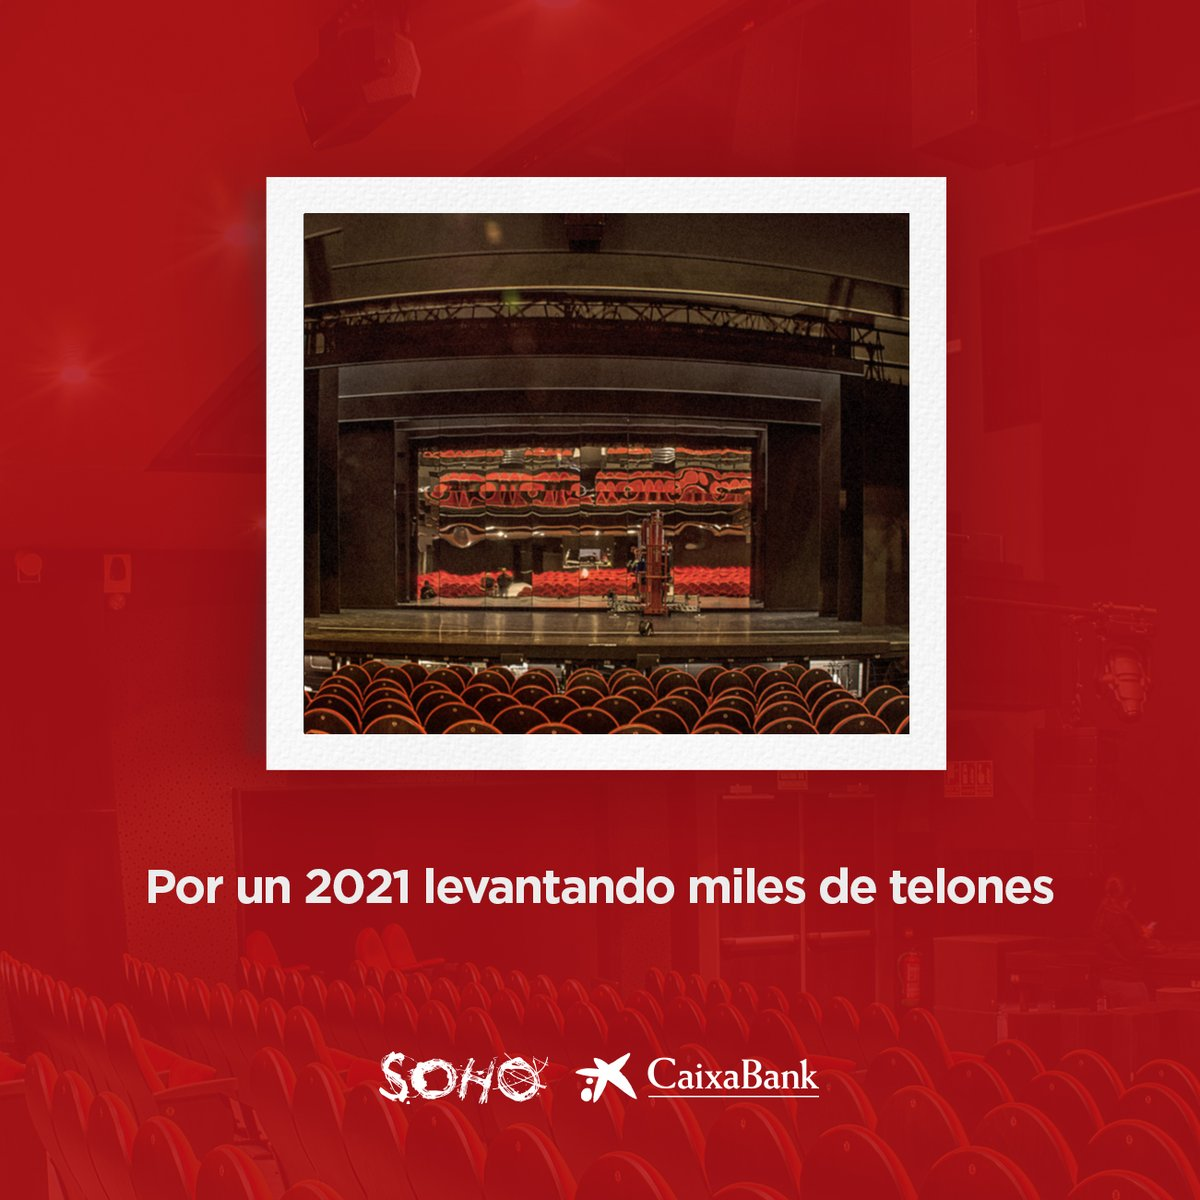 La familia del Teatro del Soho @caixabank os desea un feliz 2021.